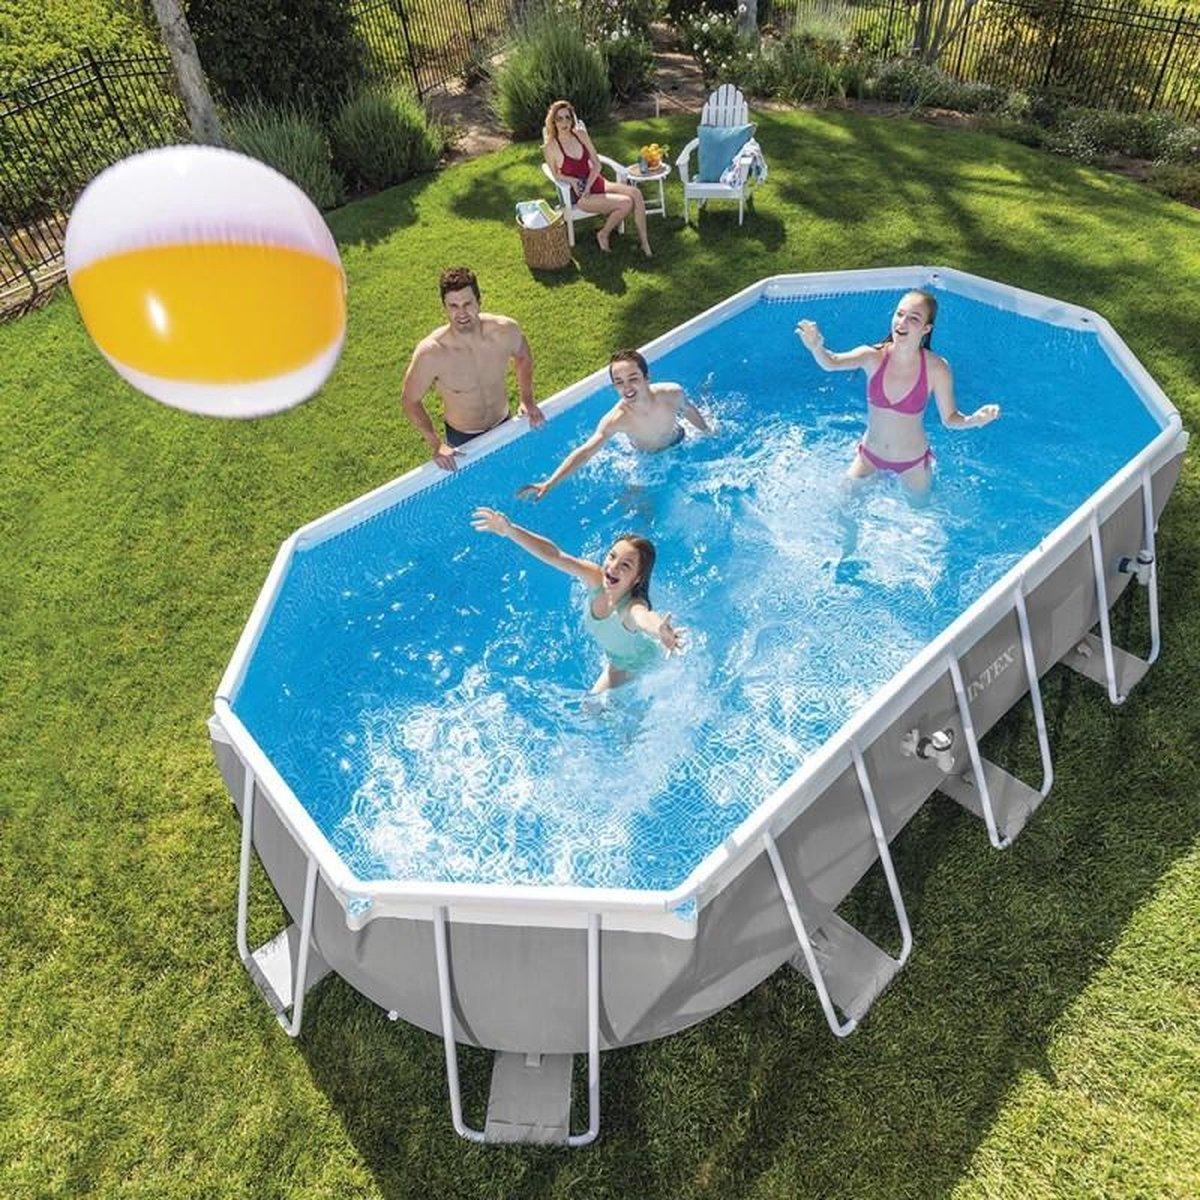 Intex Prism Oval frame zwembad - 503 x 274 x 122 cm - Opzetzwembad met filterpomp